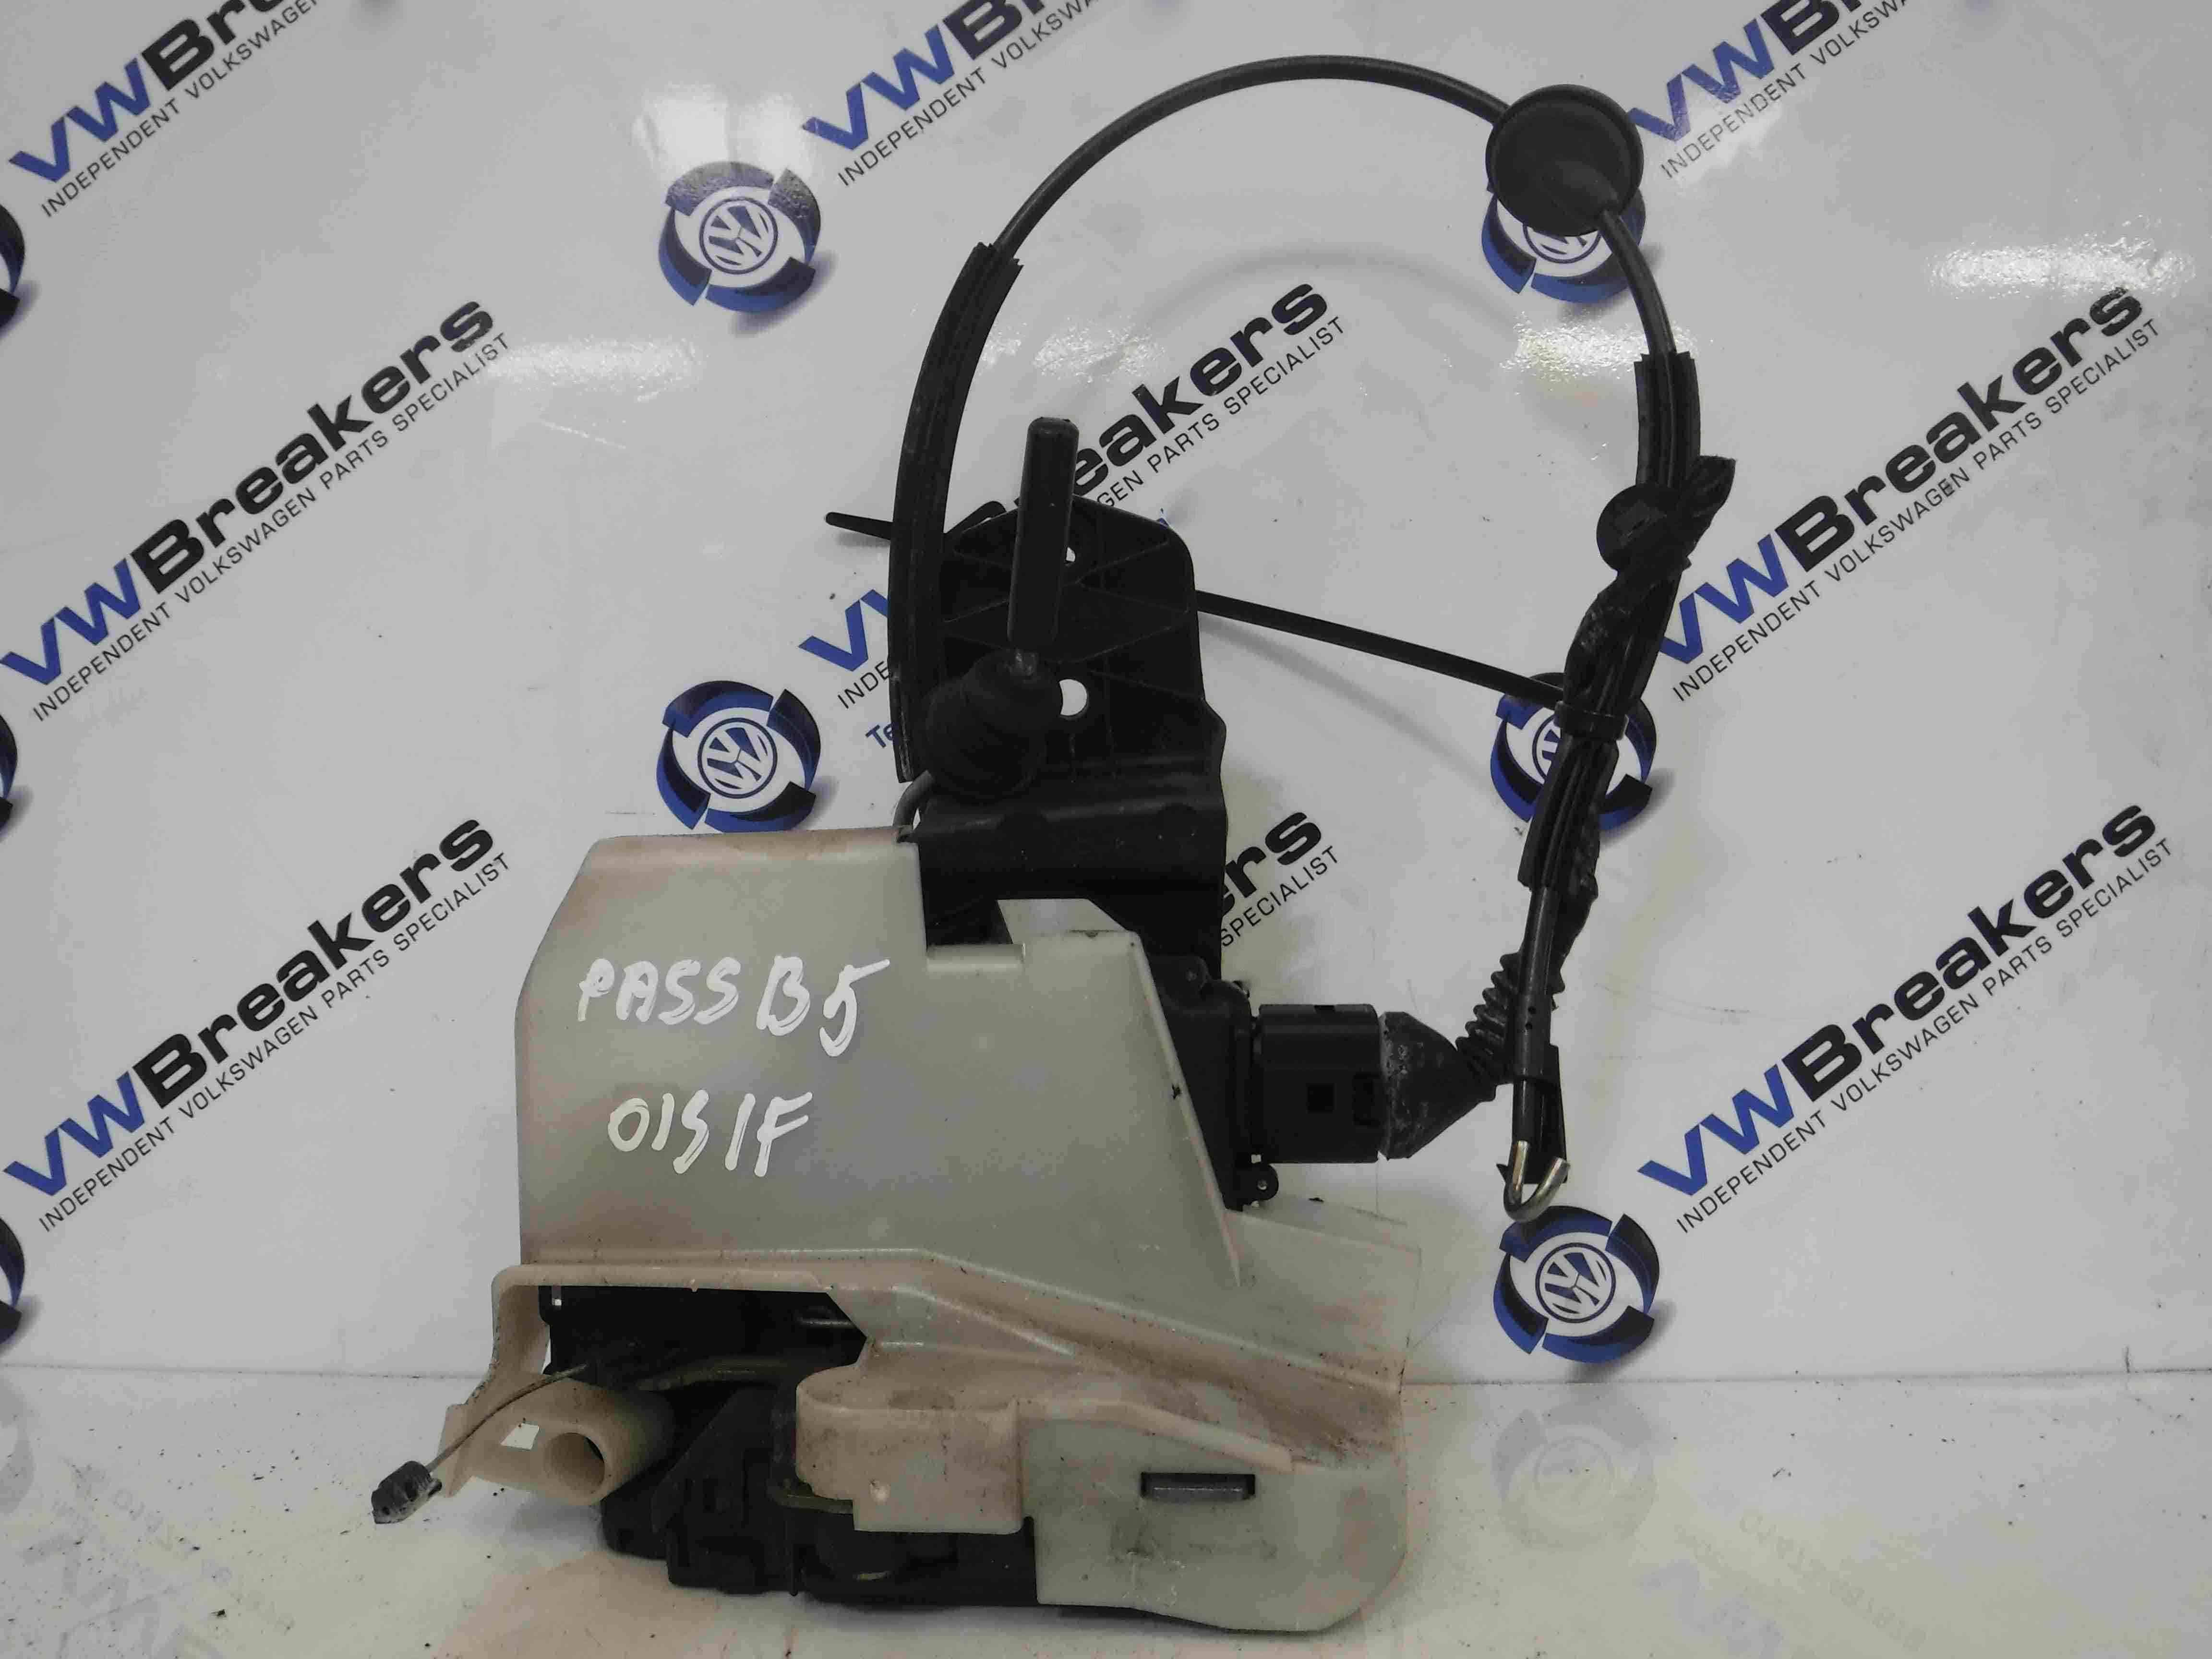 Volkswagen Passat 2001-2005 B5.5 Drivers OSF Front Door Lock Mechanism 3b0837868